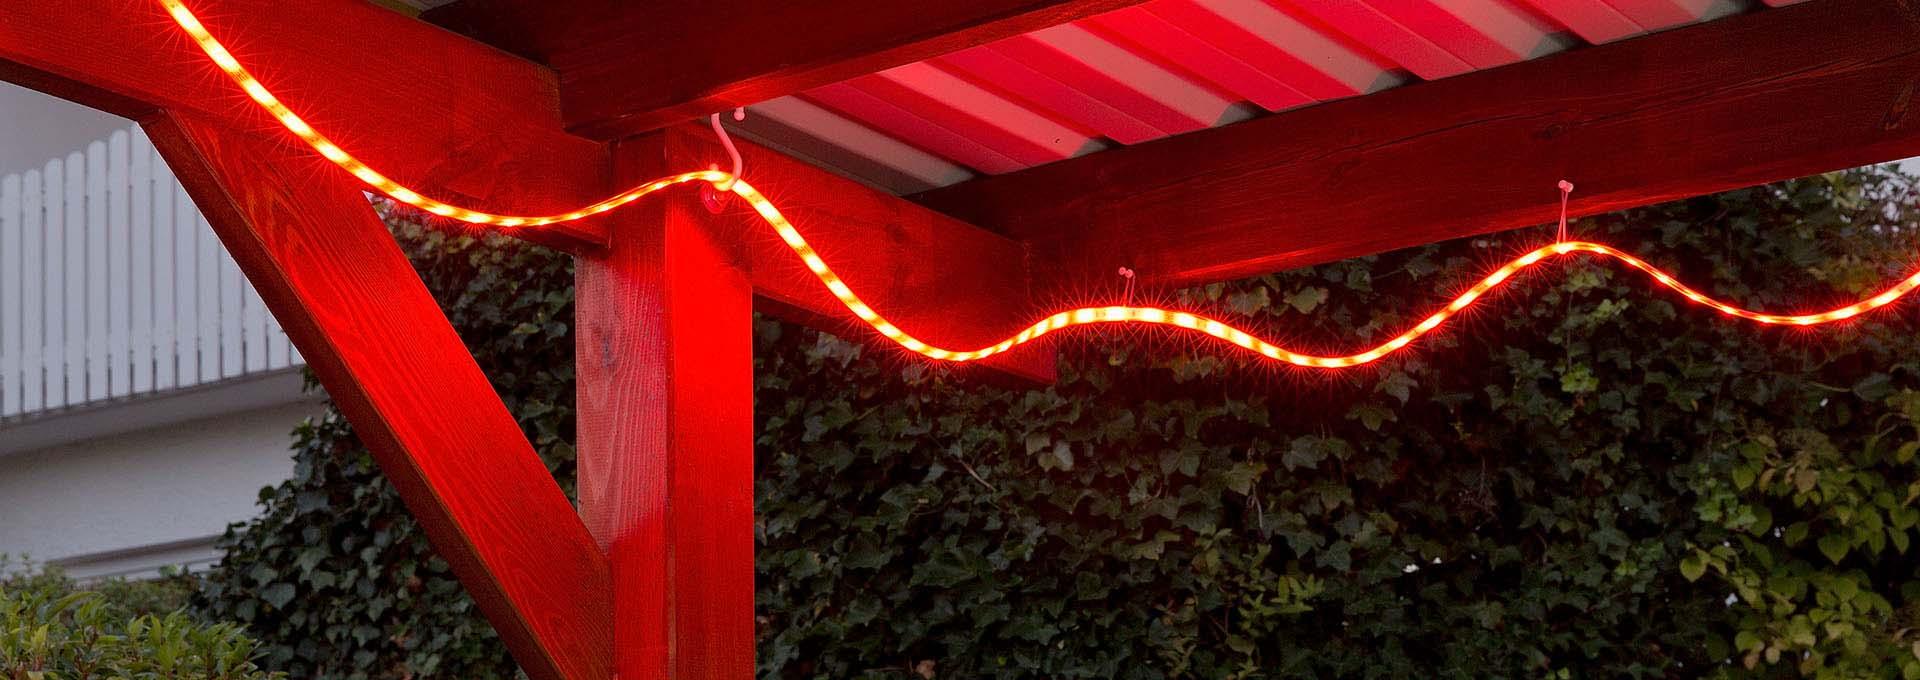 LED Bänder von Briloner 2035-150 Banner